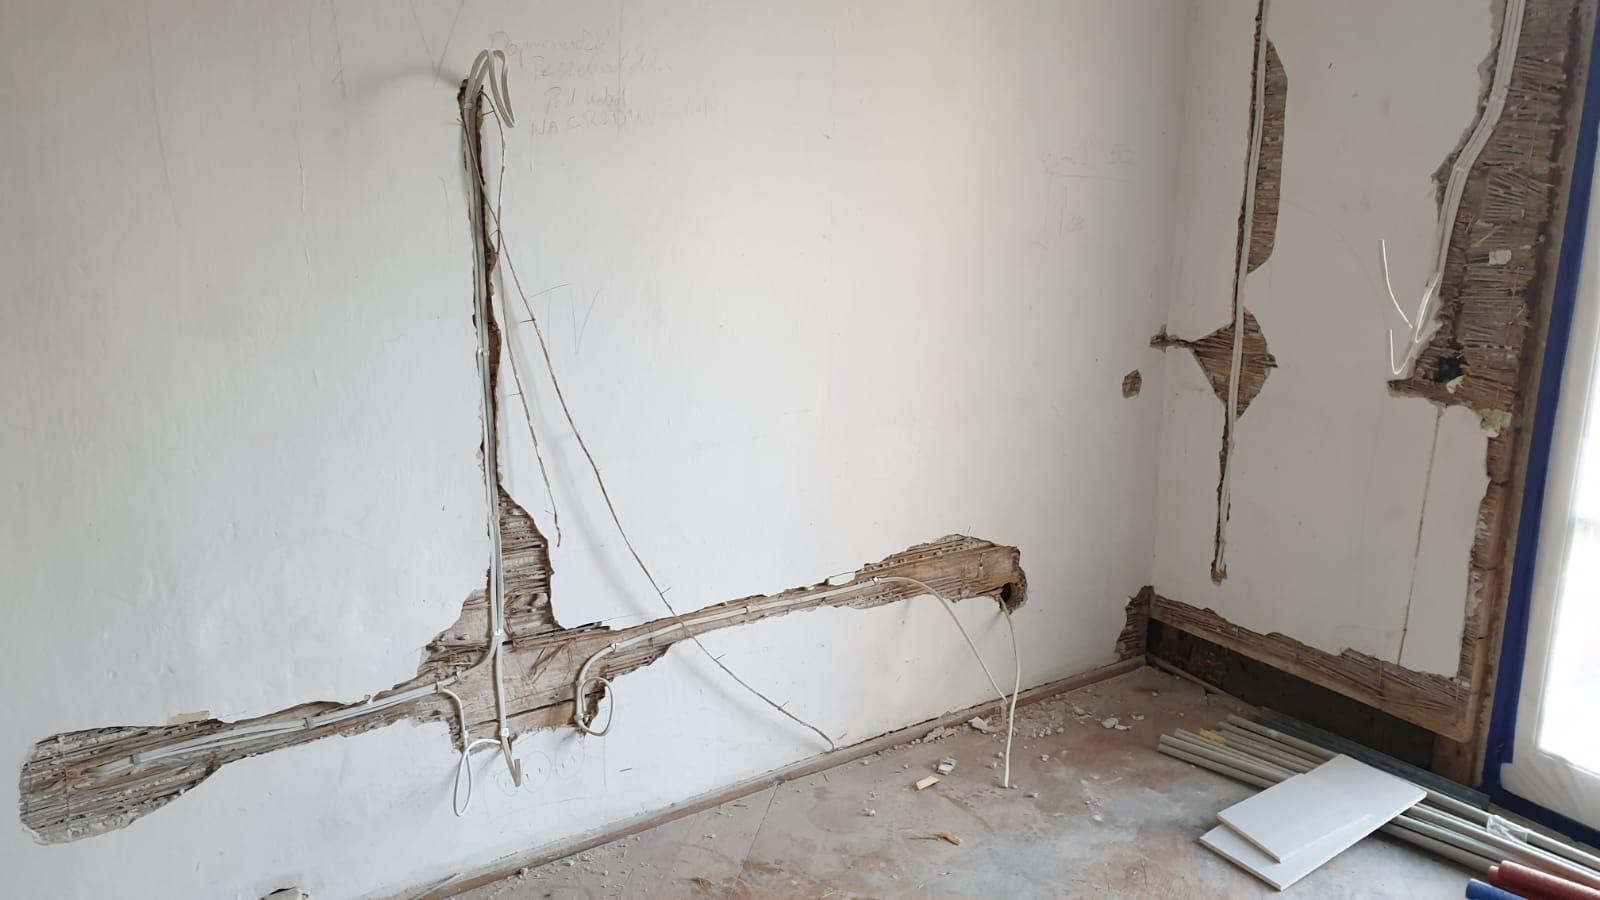 instalacja elektryczna, nadzór remontu, inspektor nadzoru